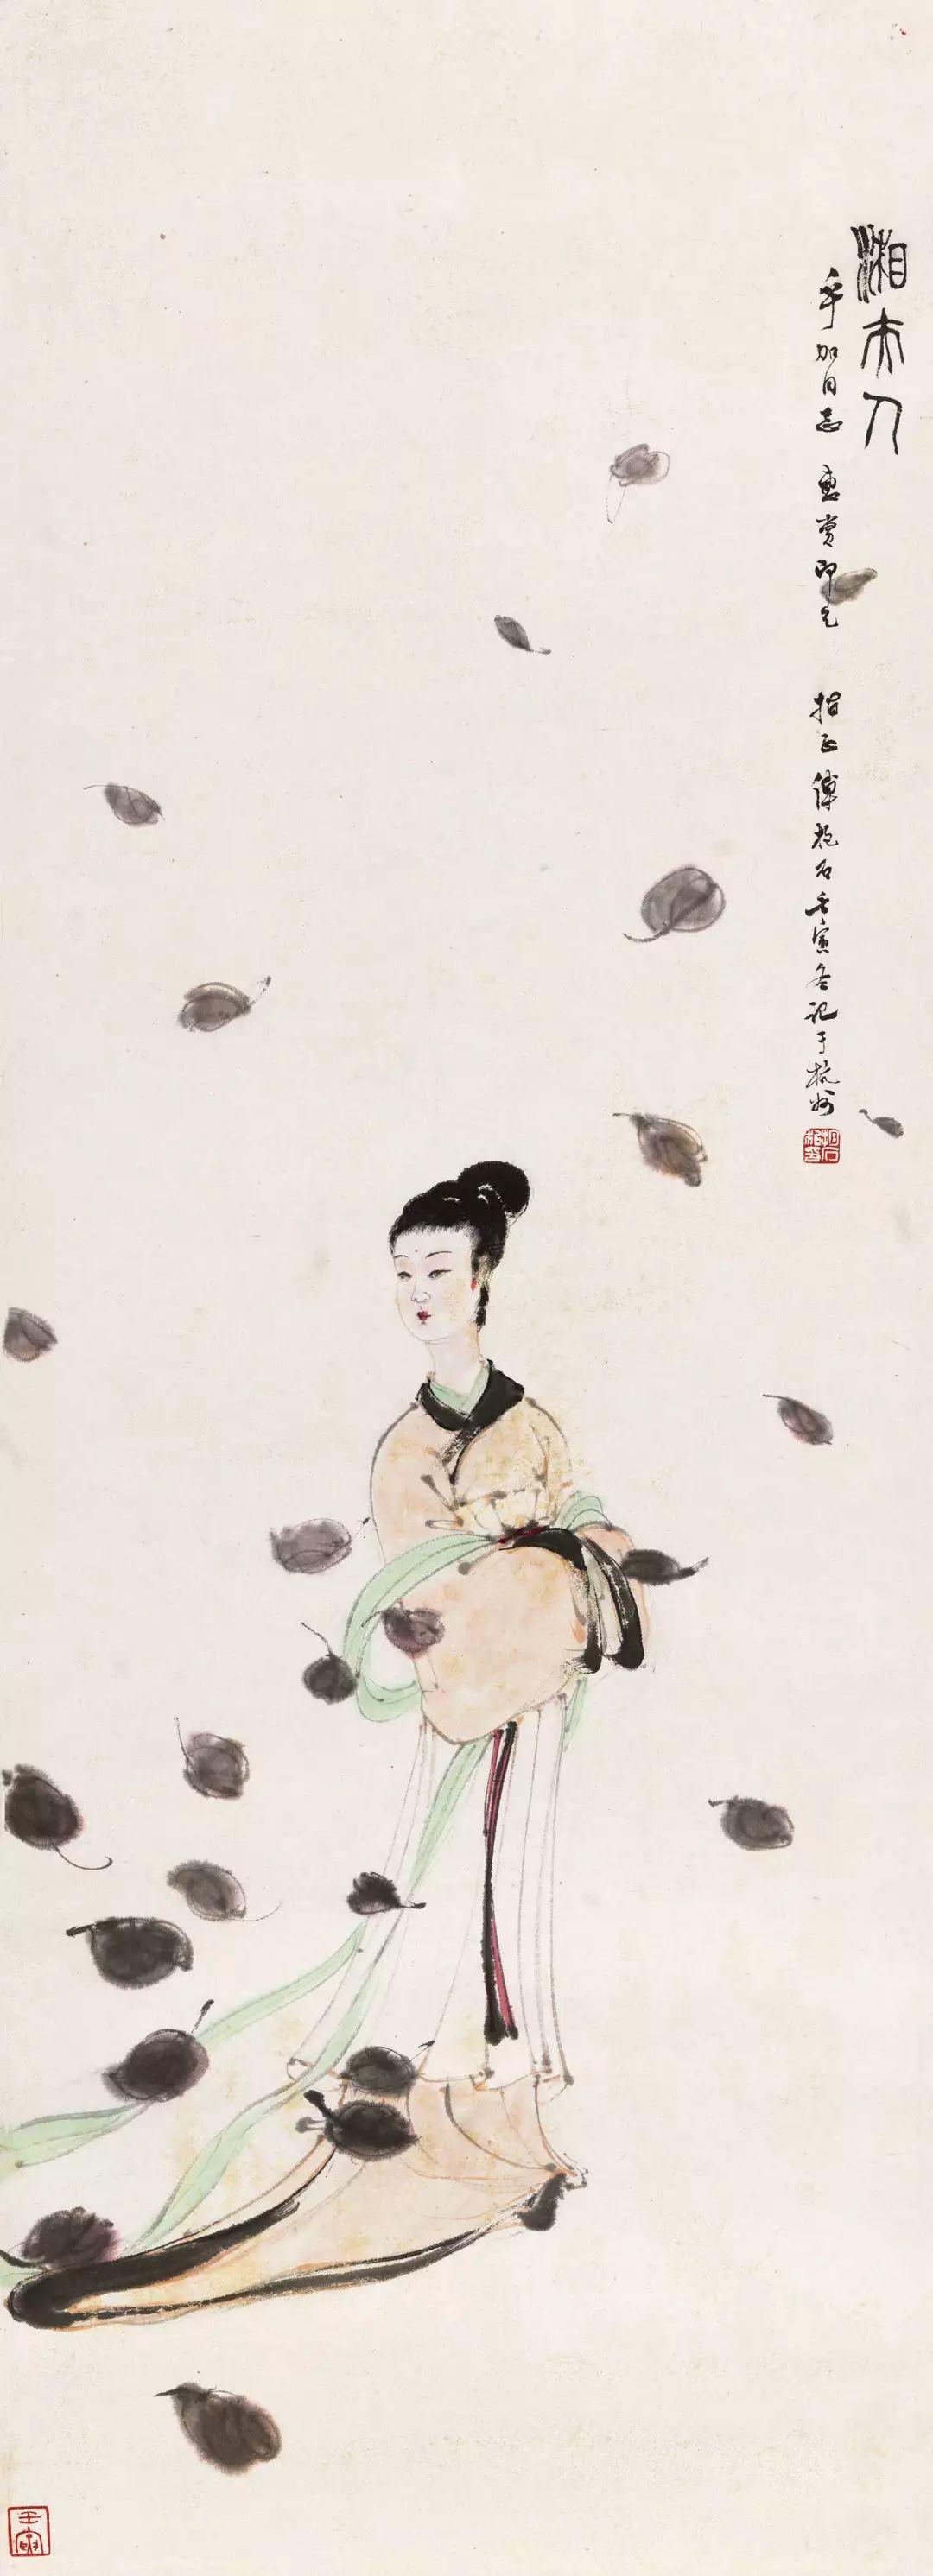 1.4375亿元!吴冠中《狮子林》创其中国画最高价纪录!插图41